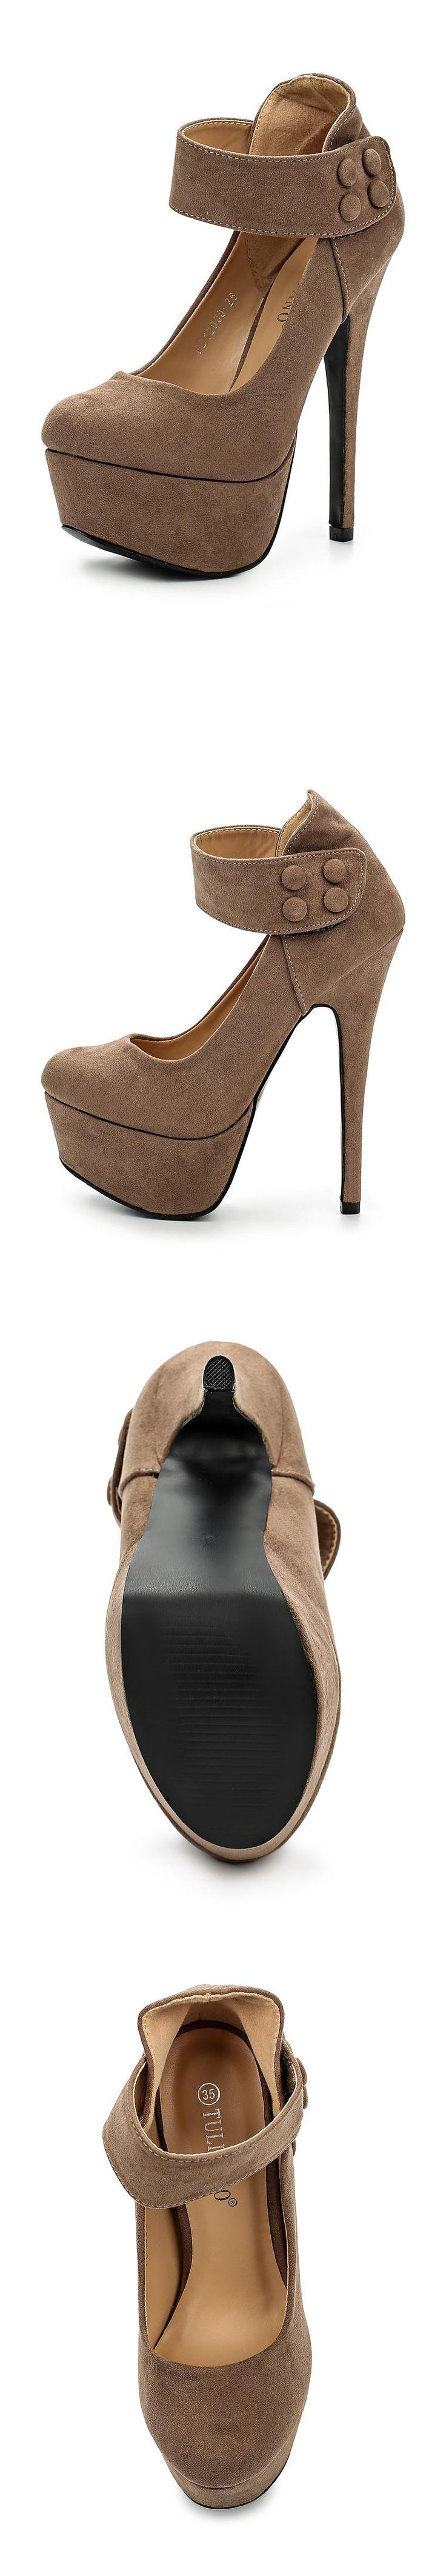 Женская обувь туфли Tulipano за 1490.00 руб.